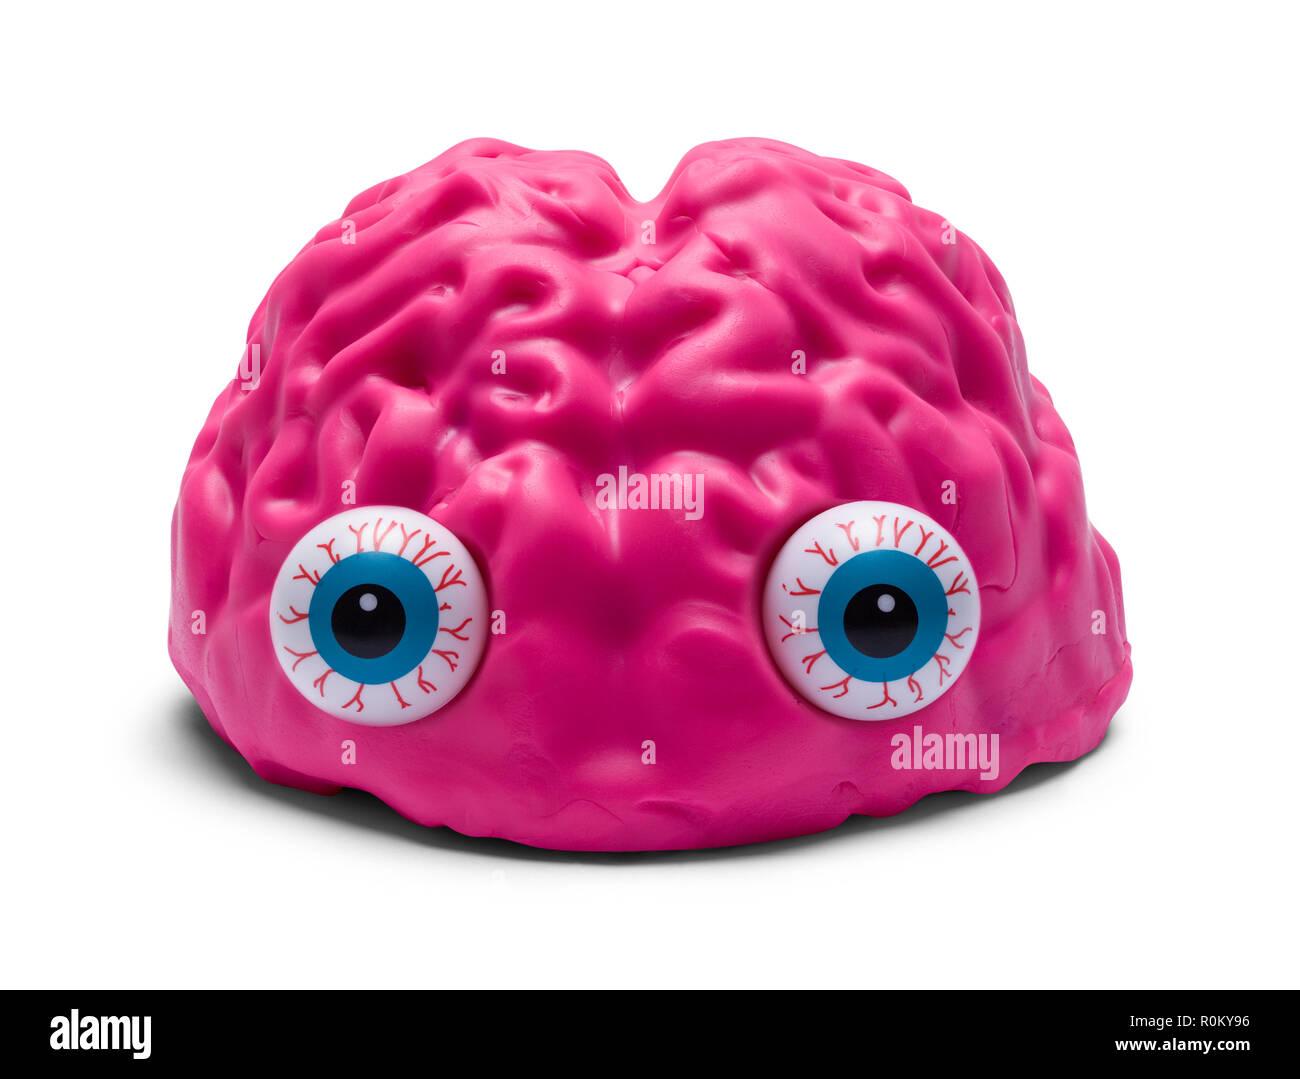 Frontal del cerebro con ojos aislado sobre un fondo blanco. Imagen De Stock